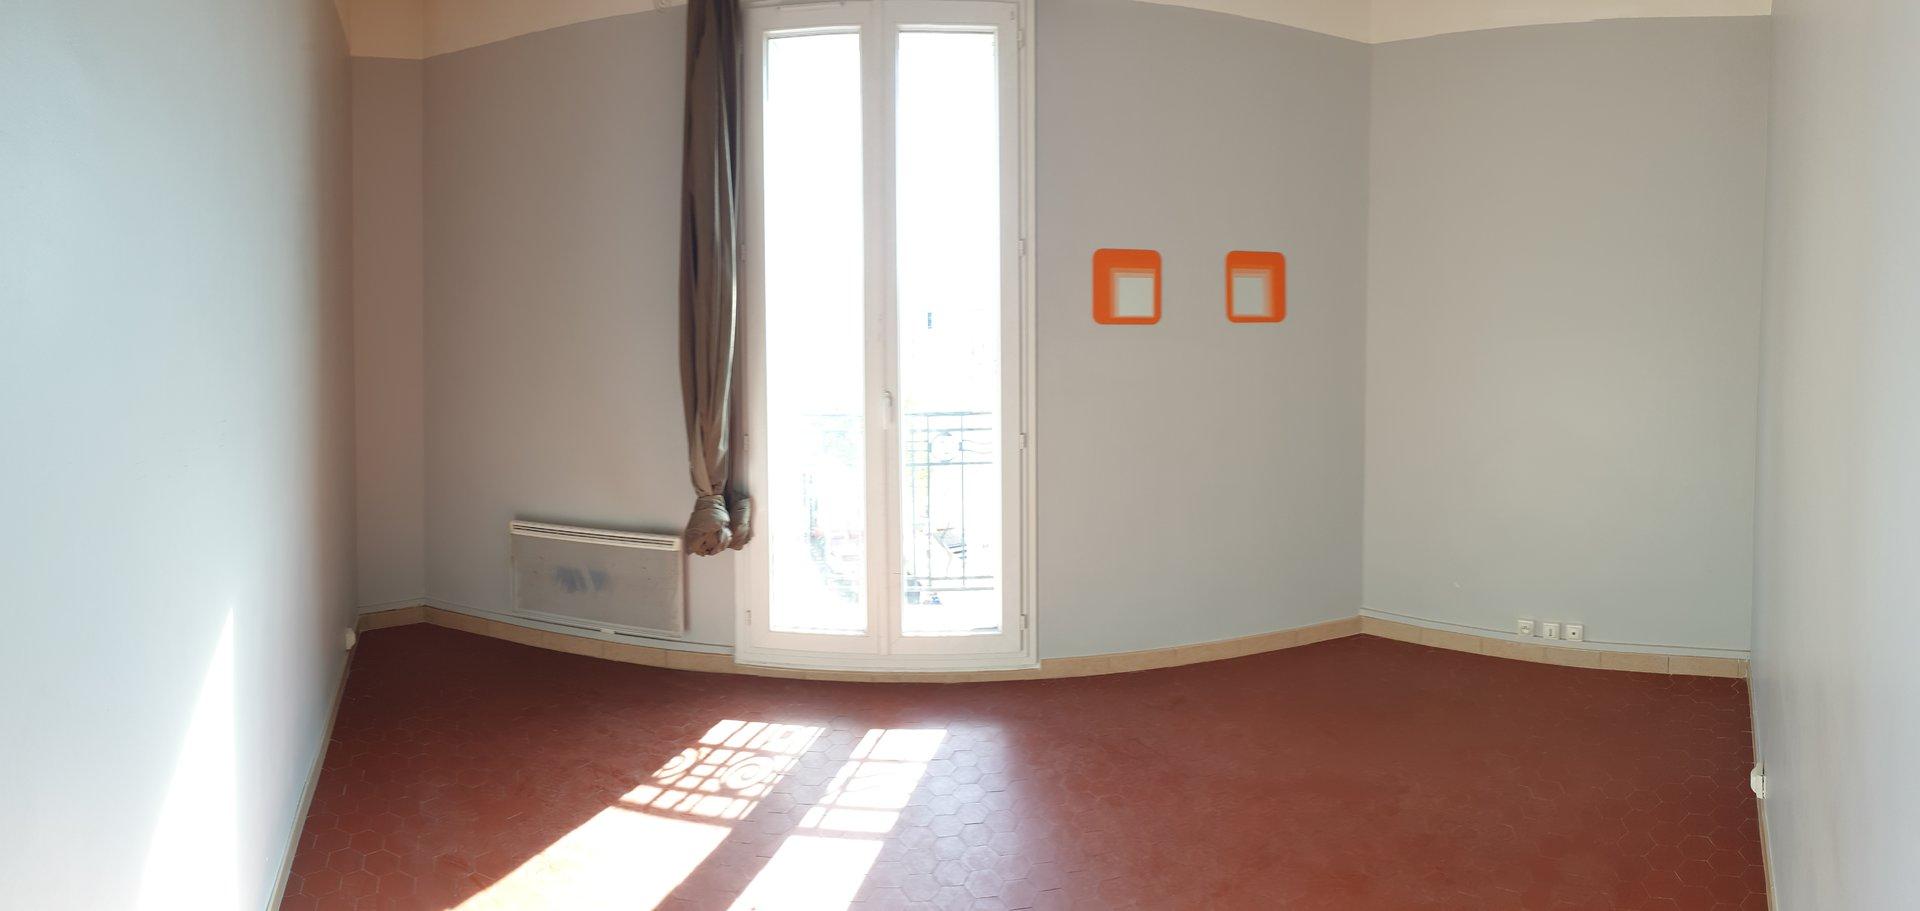 T3 - Rue brochier